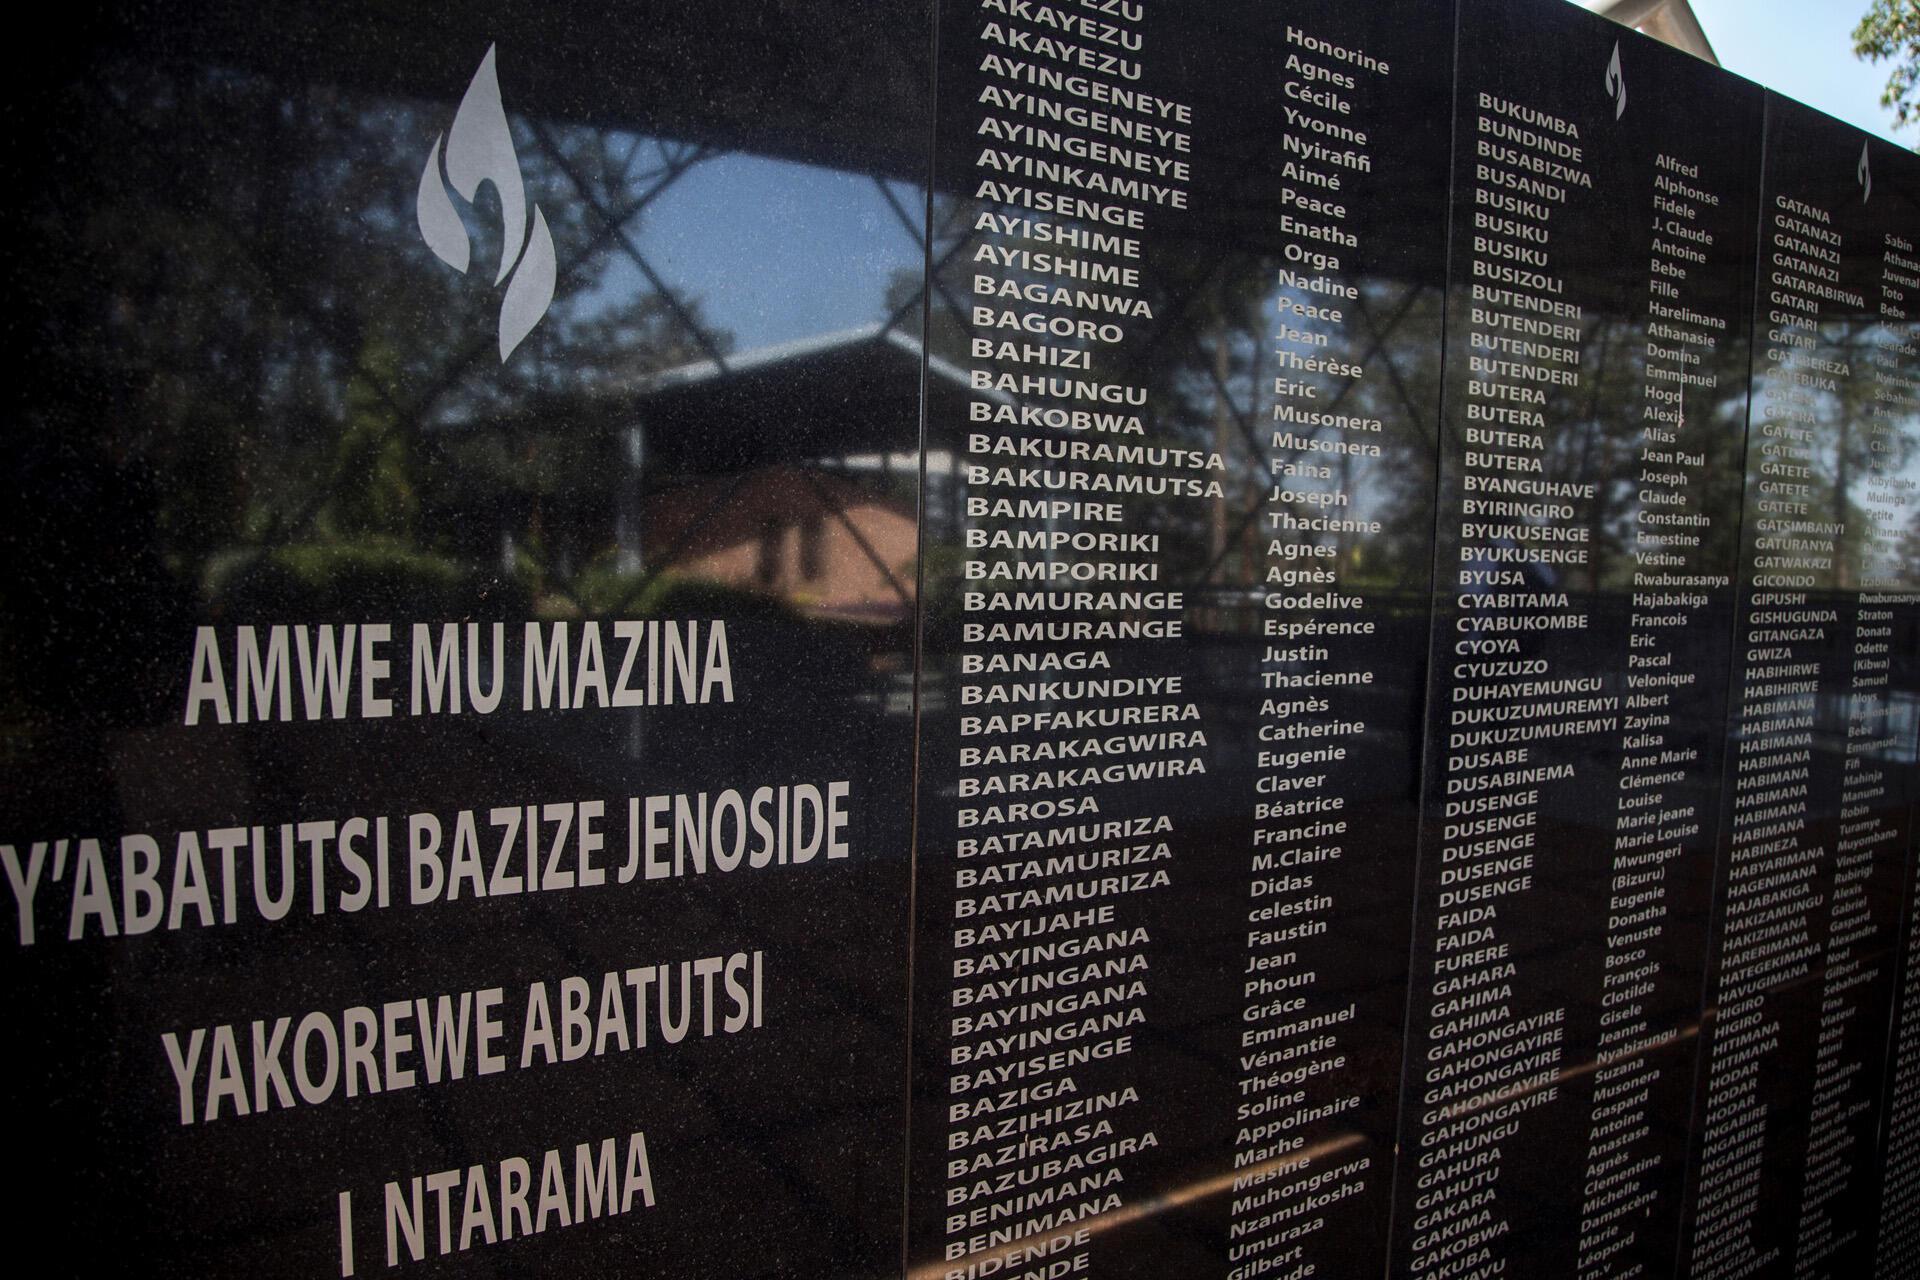 Имена погибших во время геноцида в Руанде в 1994 году. Стена мемориала в Кигали.